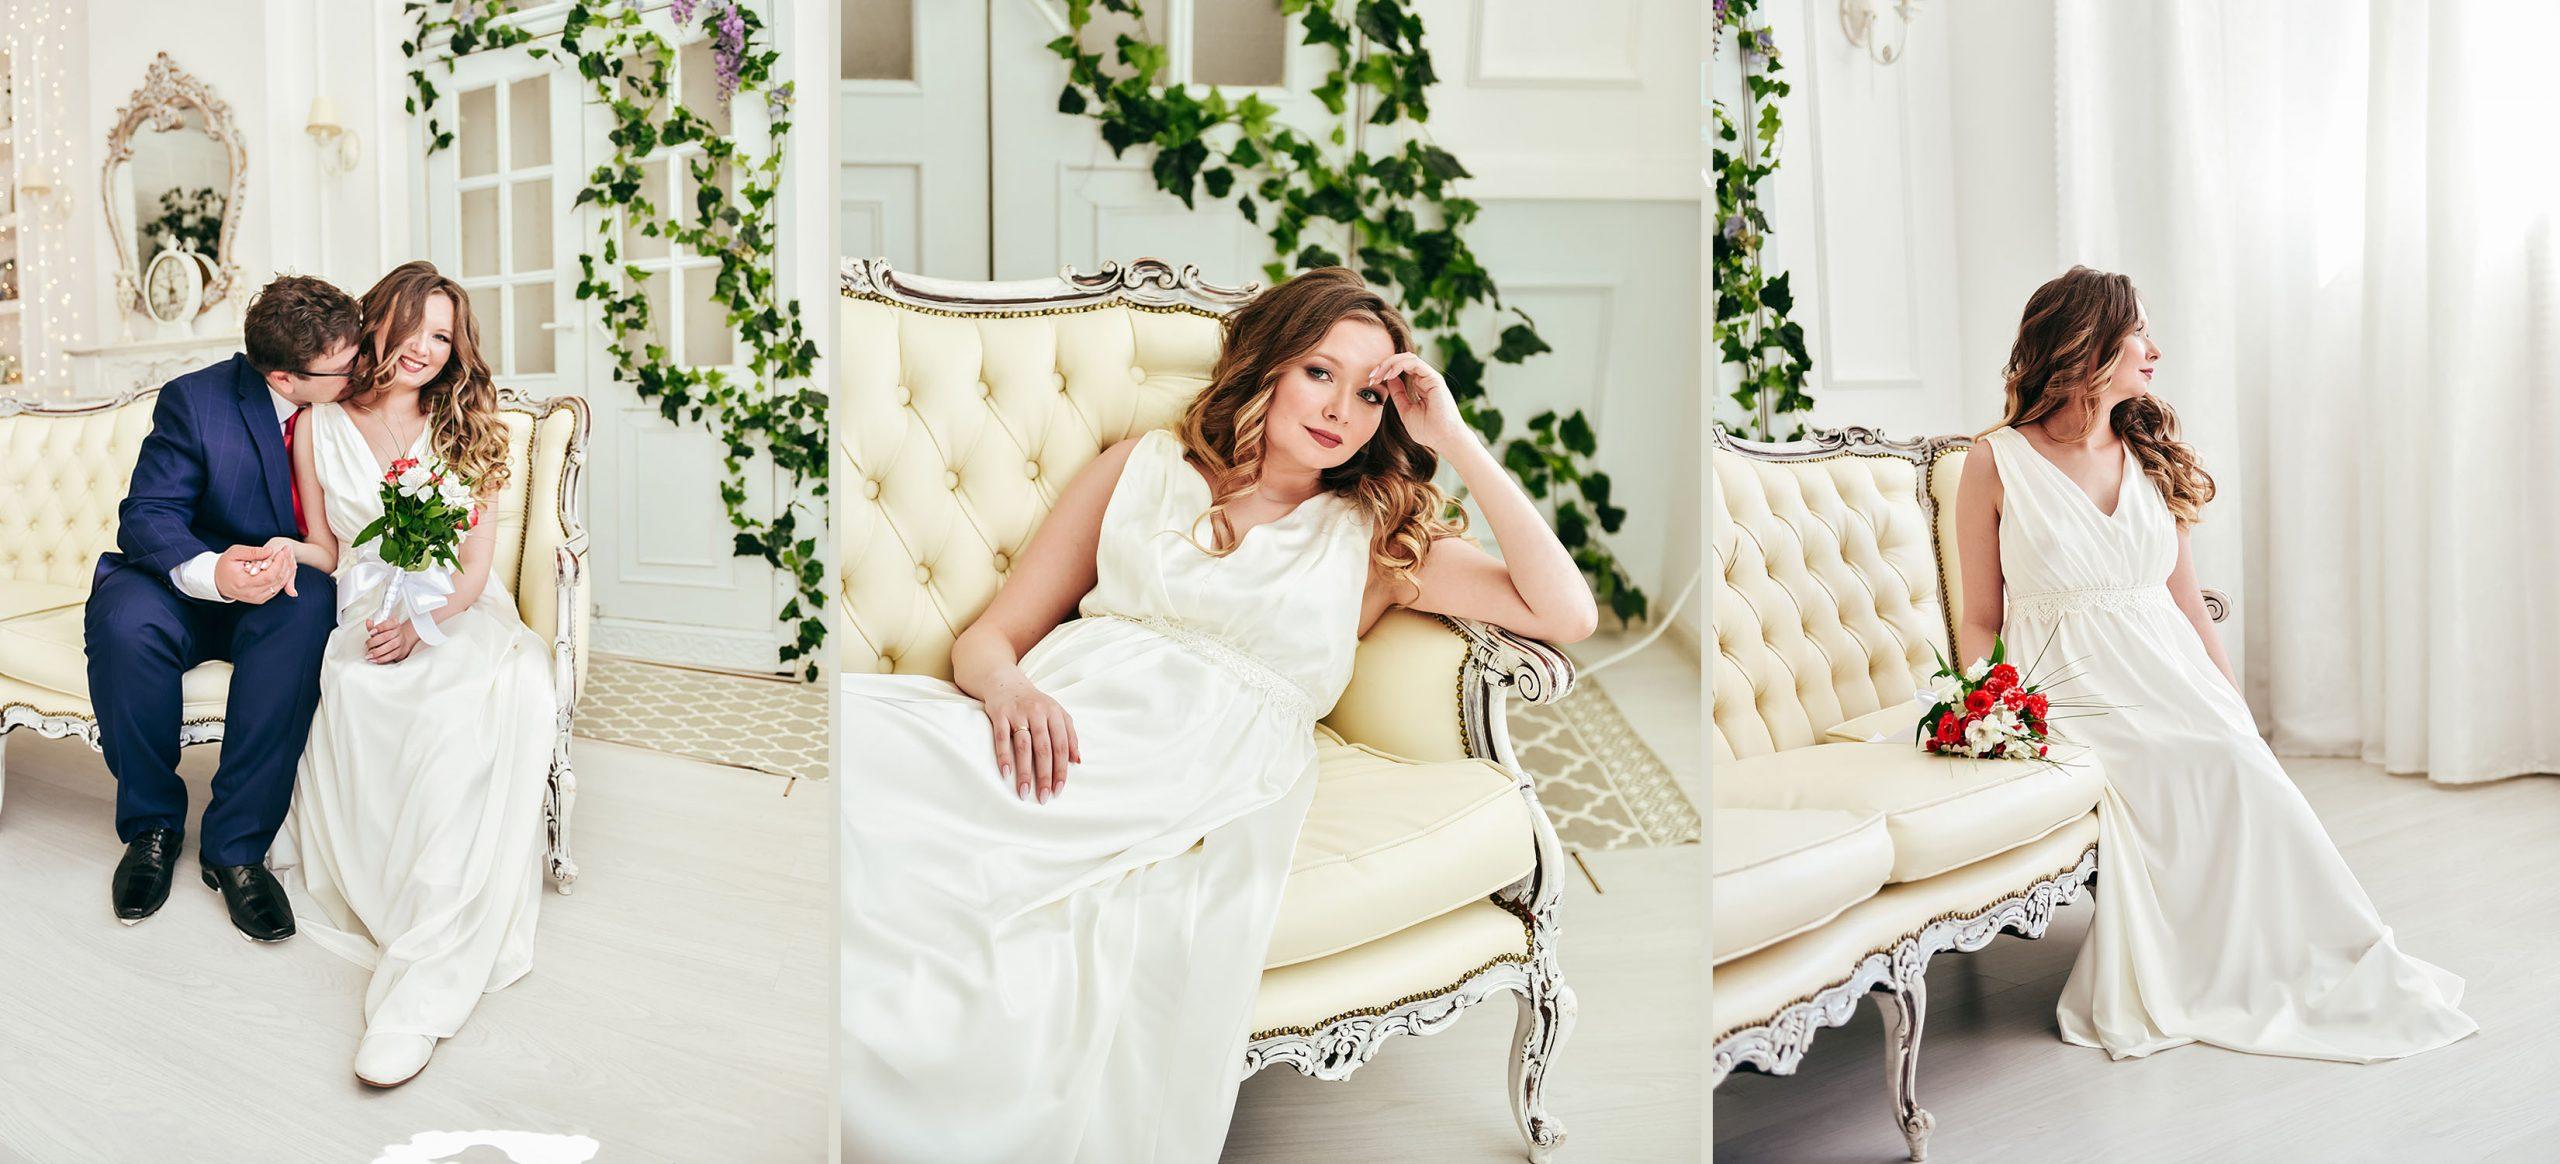 Фотограф на свадьбу, свадебная фотосессия, отзыв о работе фотографа